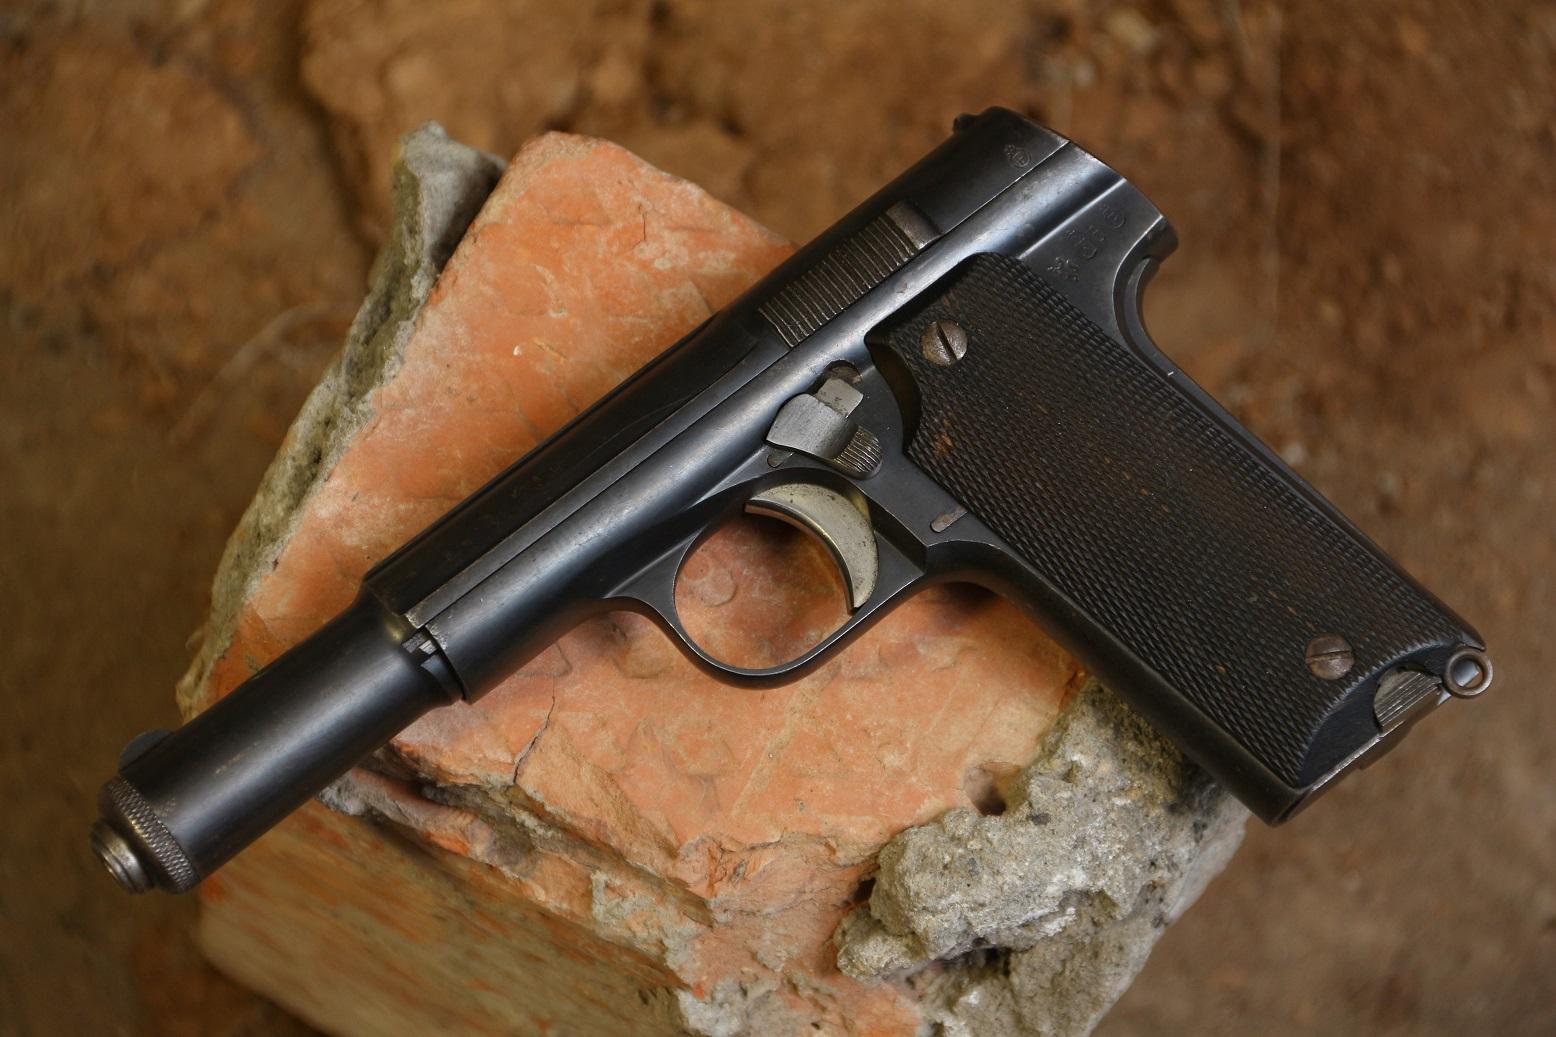 Пистолет Astra 600 #4821, выпуск для нацистской Германии